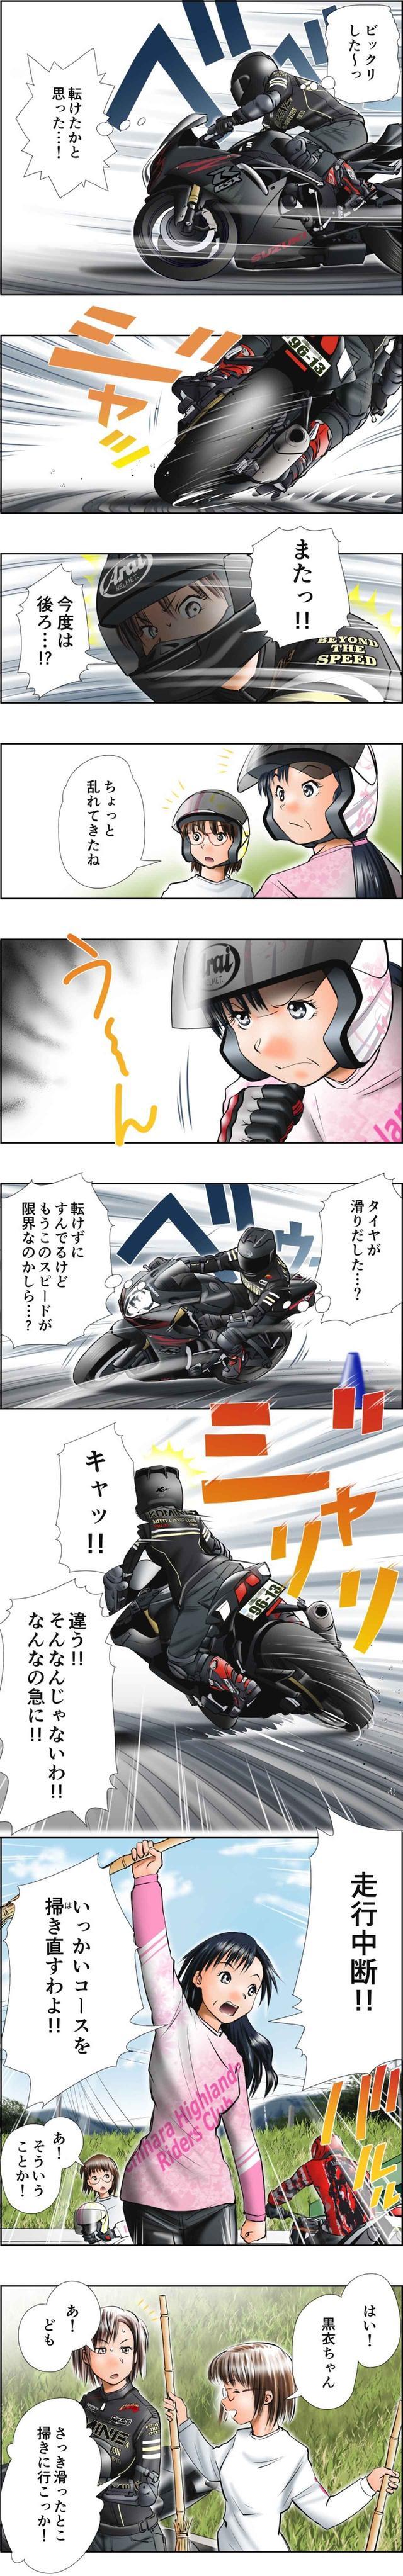 画像: Motoジム!(第16話:そんなところに落とし穴が!) 作・ばどみゅーみん - Webオートバイ